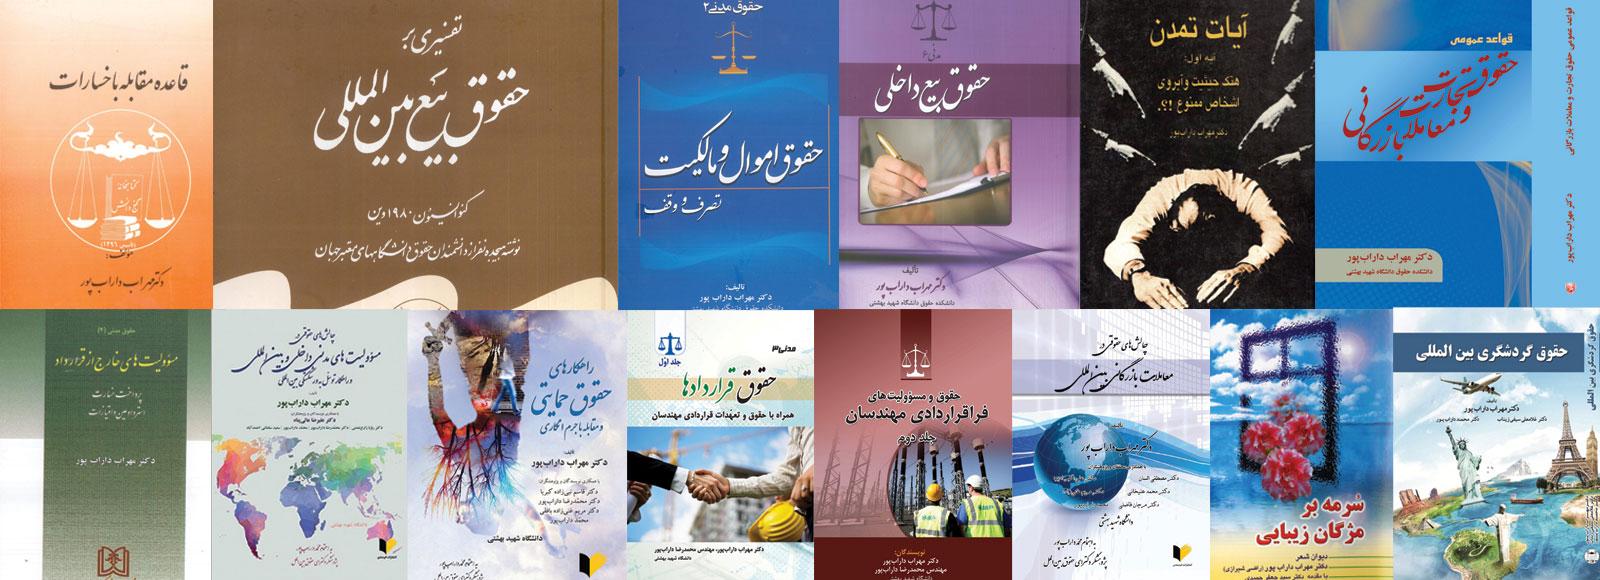 کتاب های دکتر داراب پور